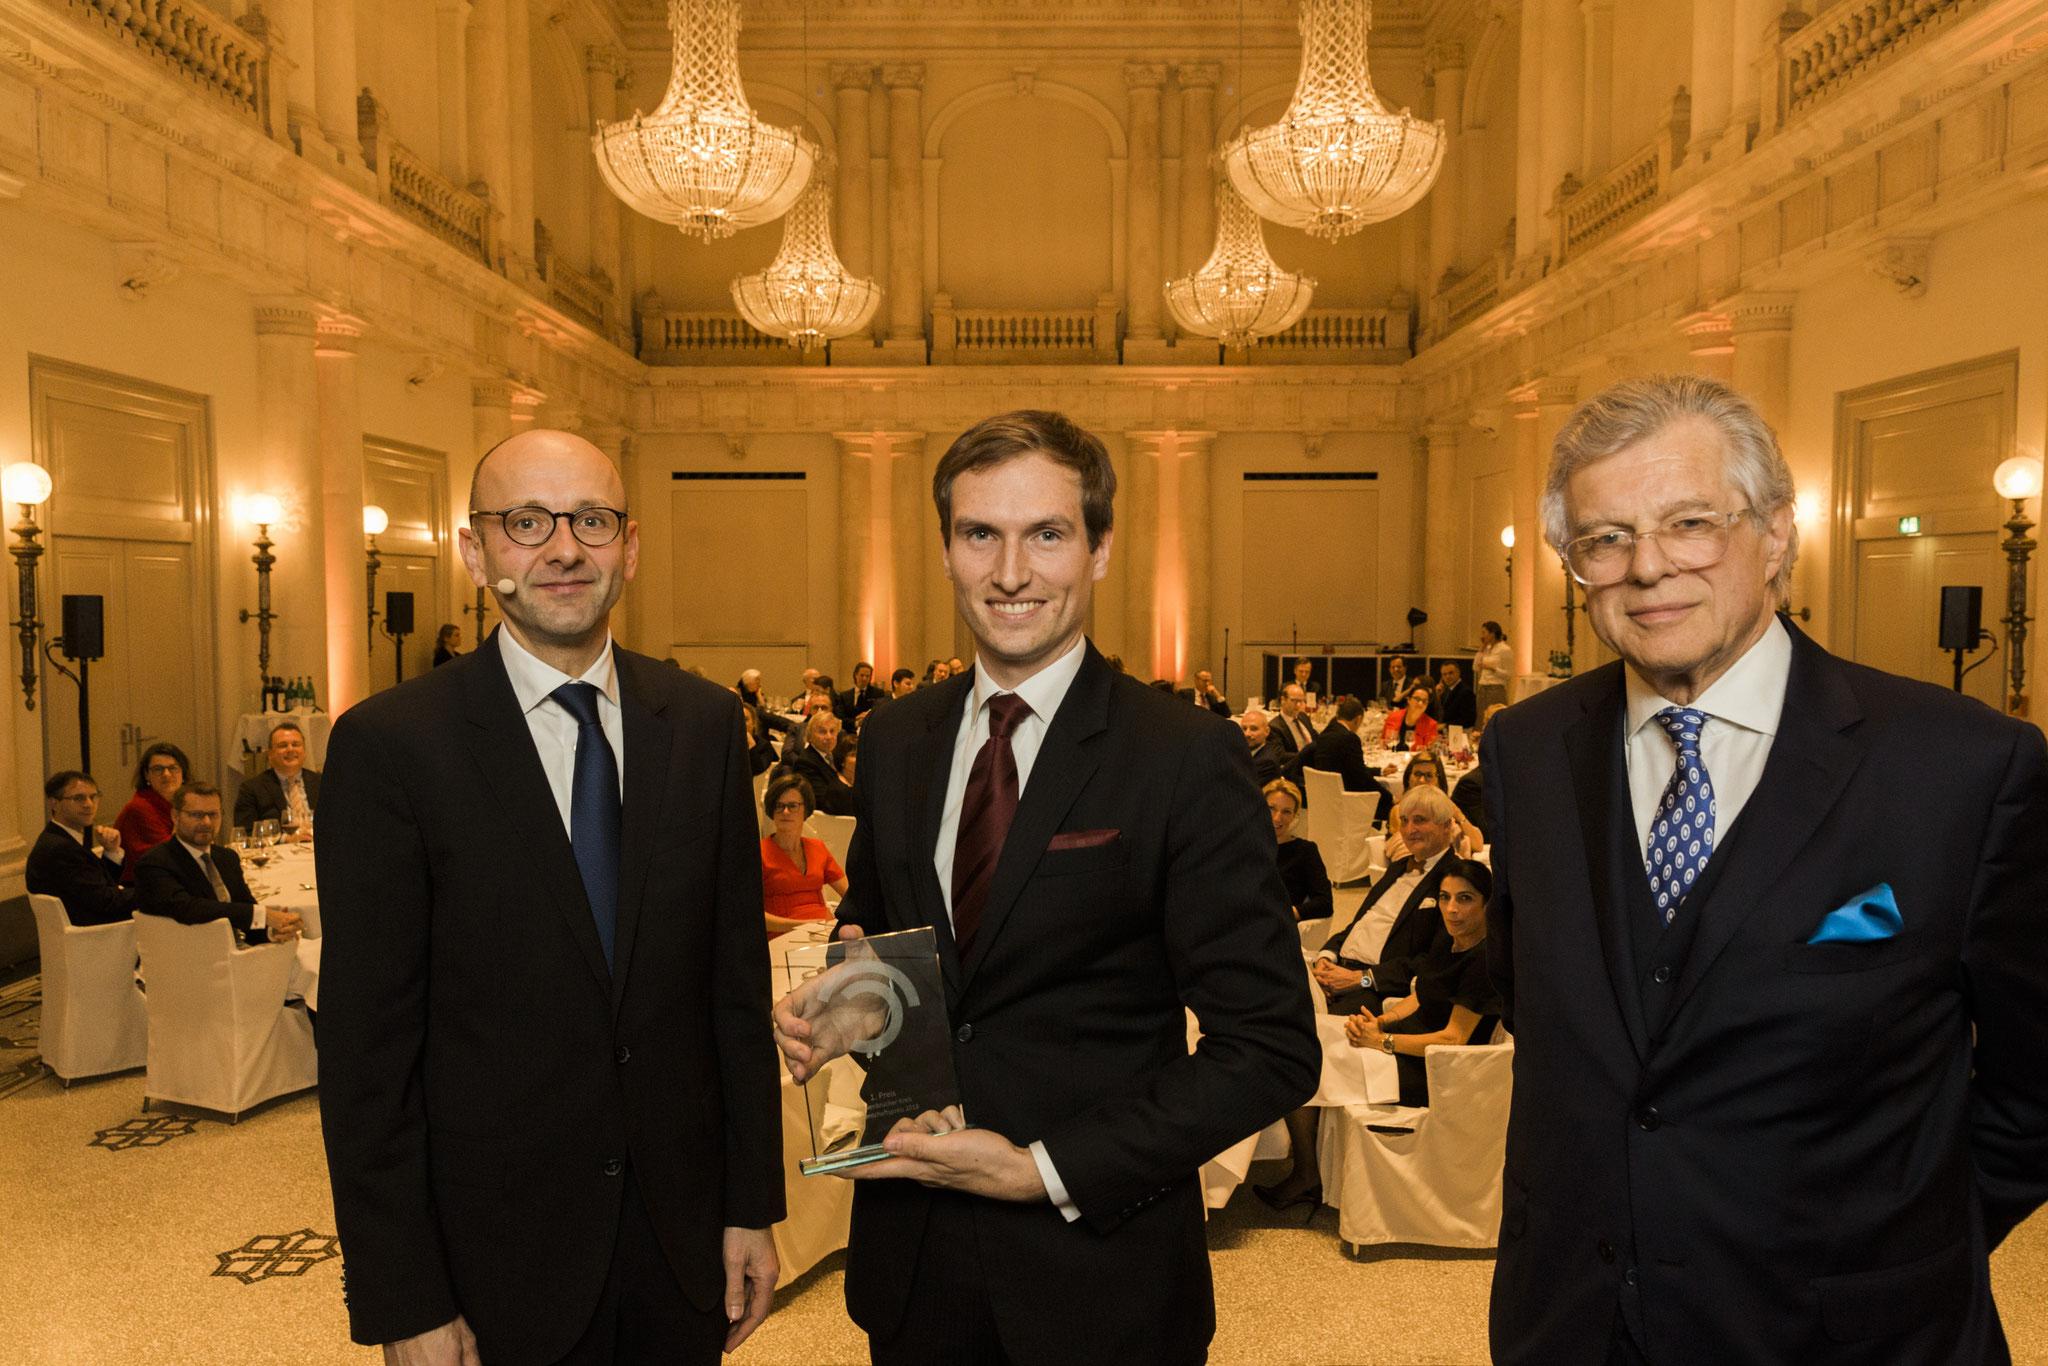 Von links: Lucas Flöther, Patrick Keinert, 1. Platz Wissenschaftspreis, Bruno Kübler © 2018 Sven Döring